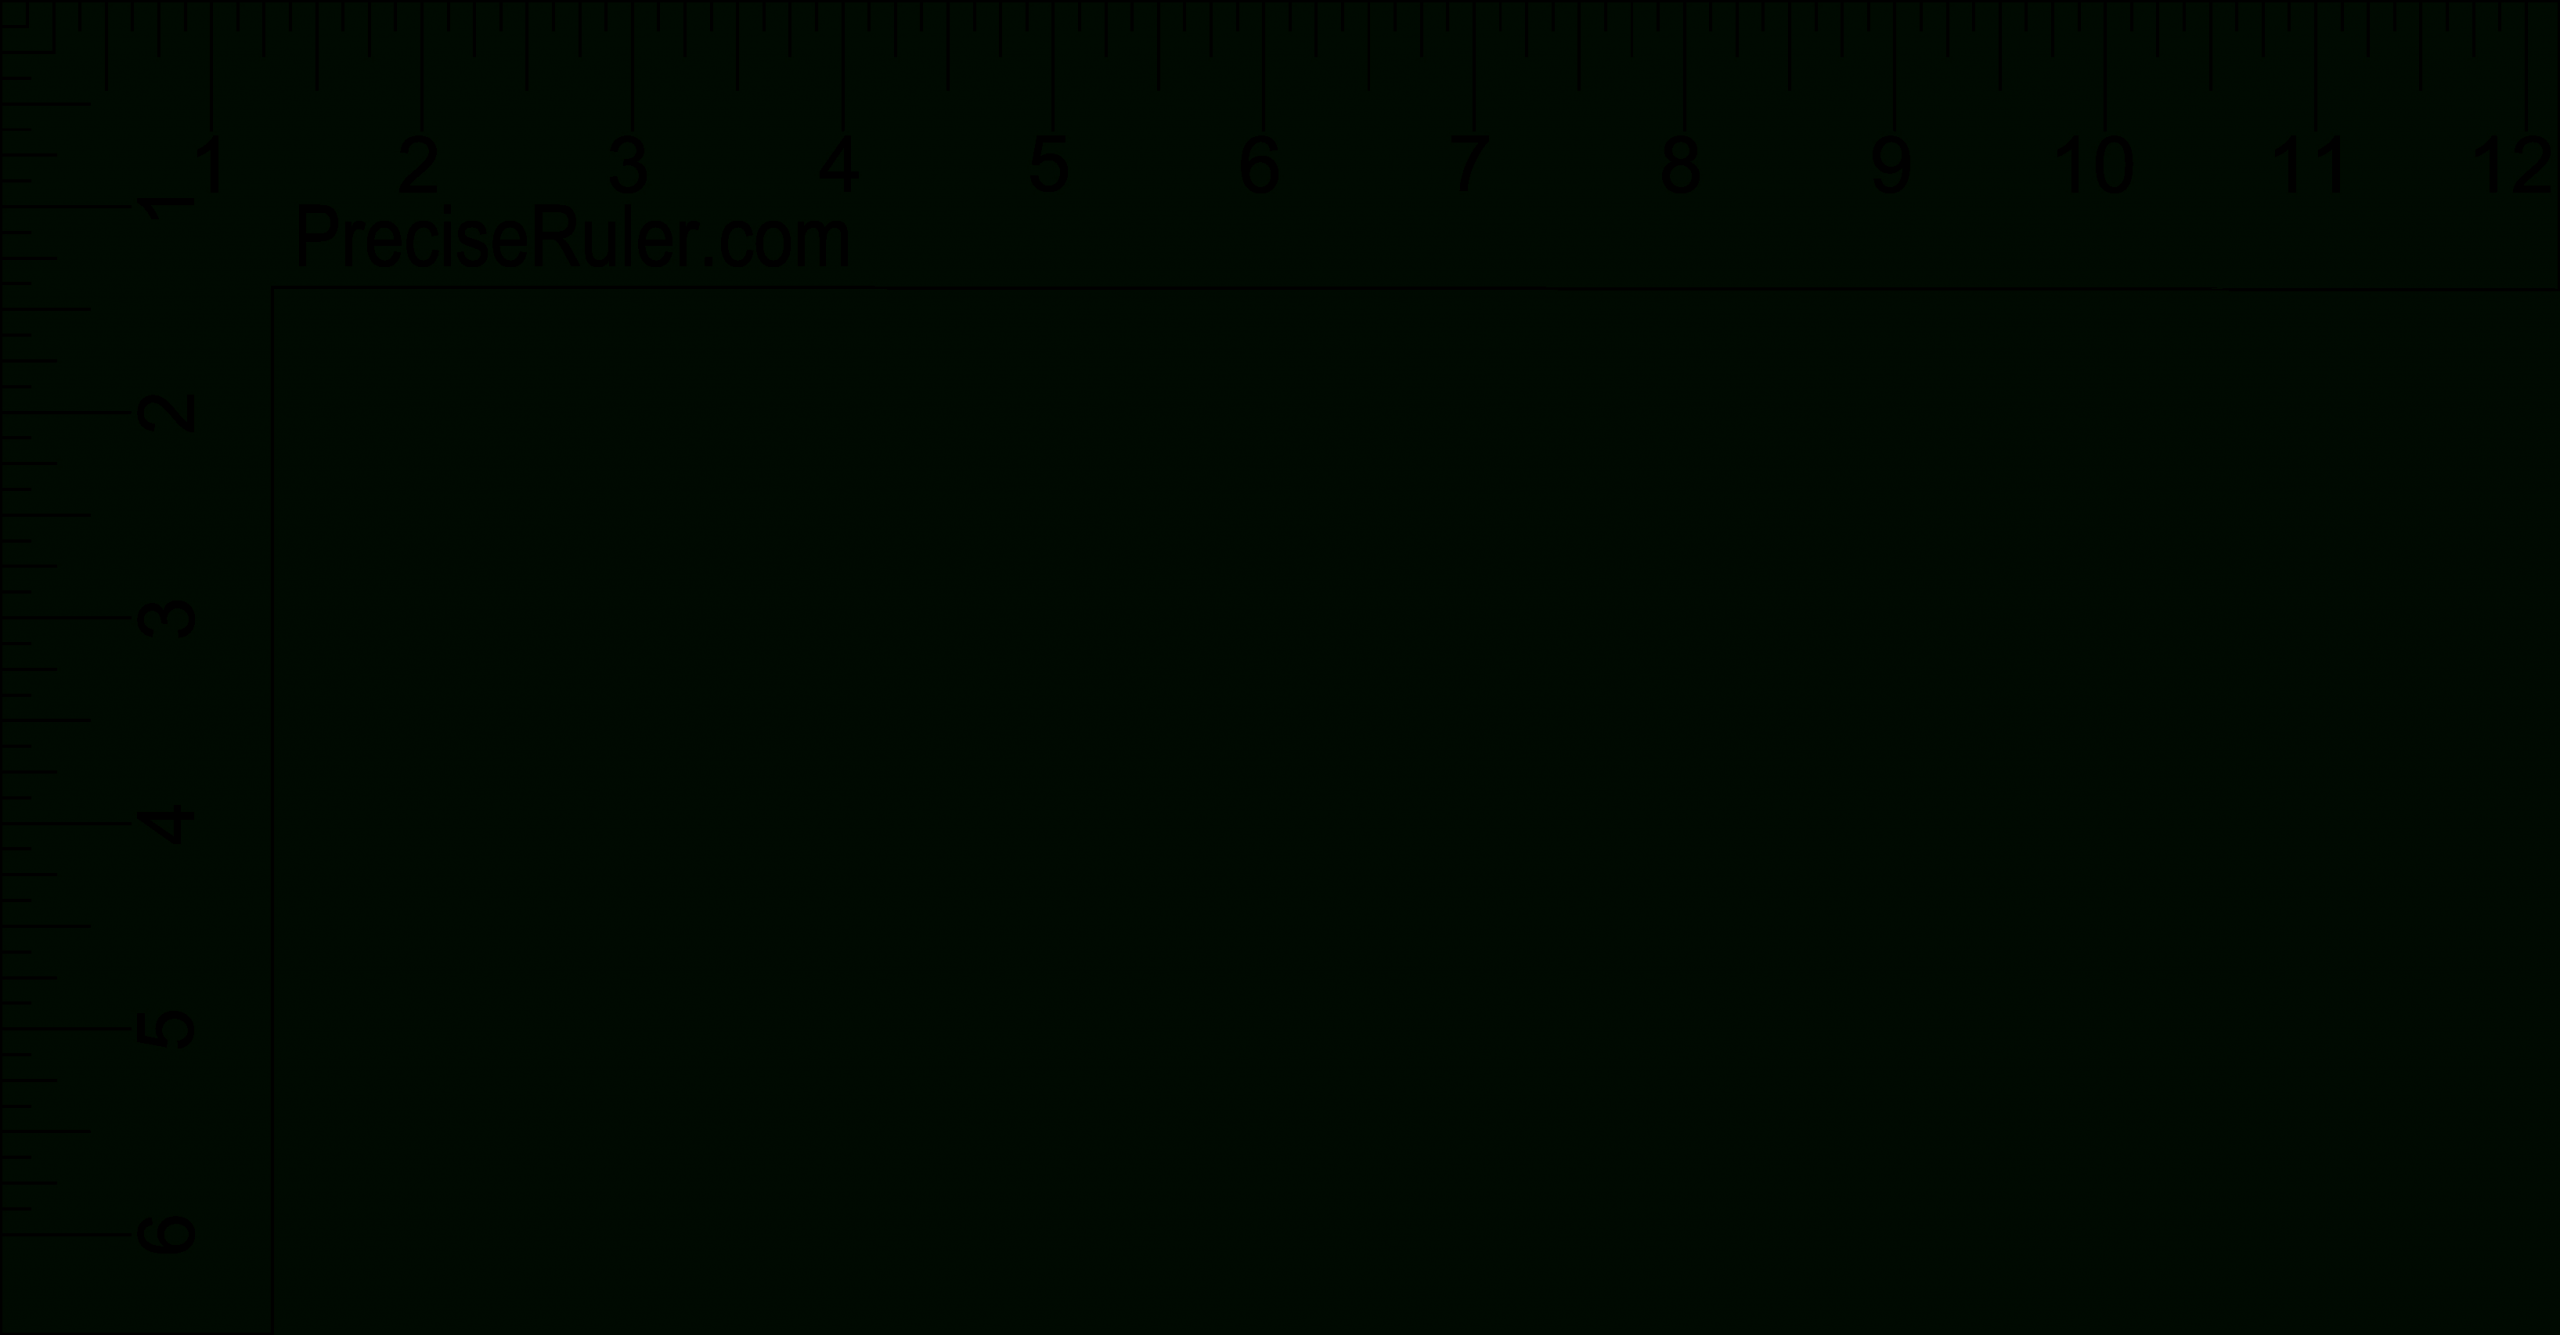 Ruler Online Inches - Bakara.luckincsolutions